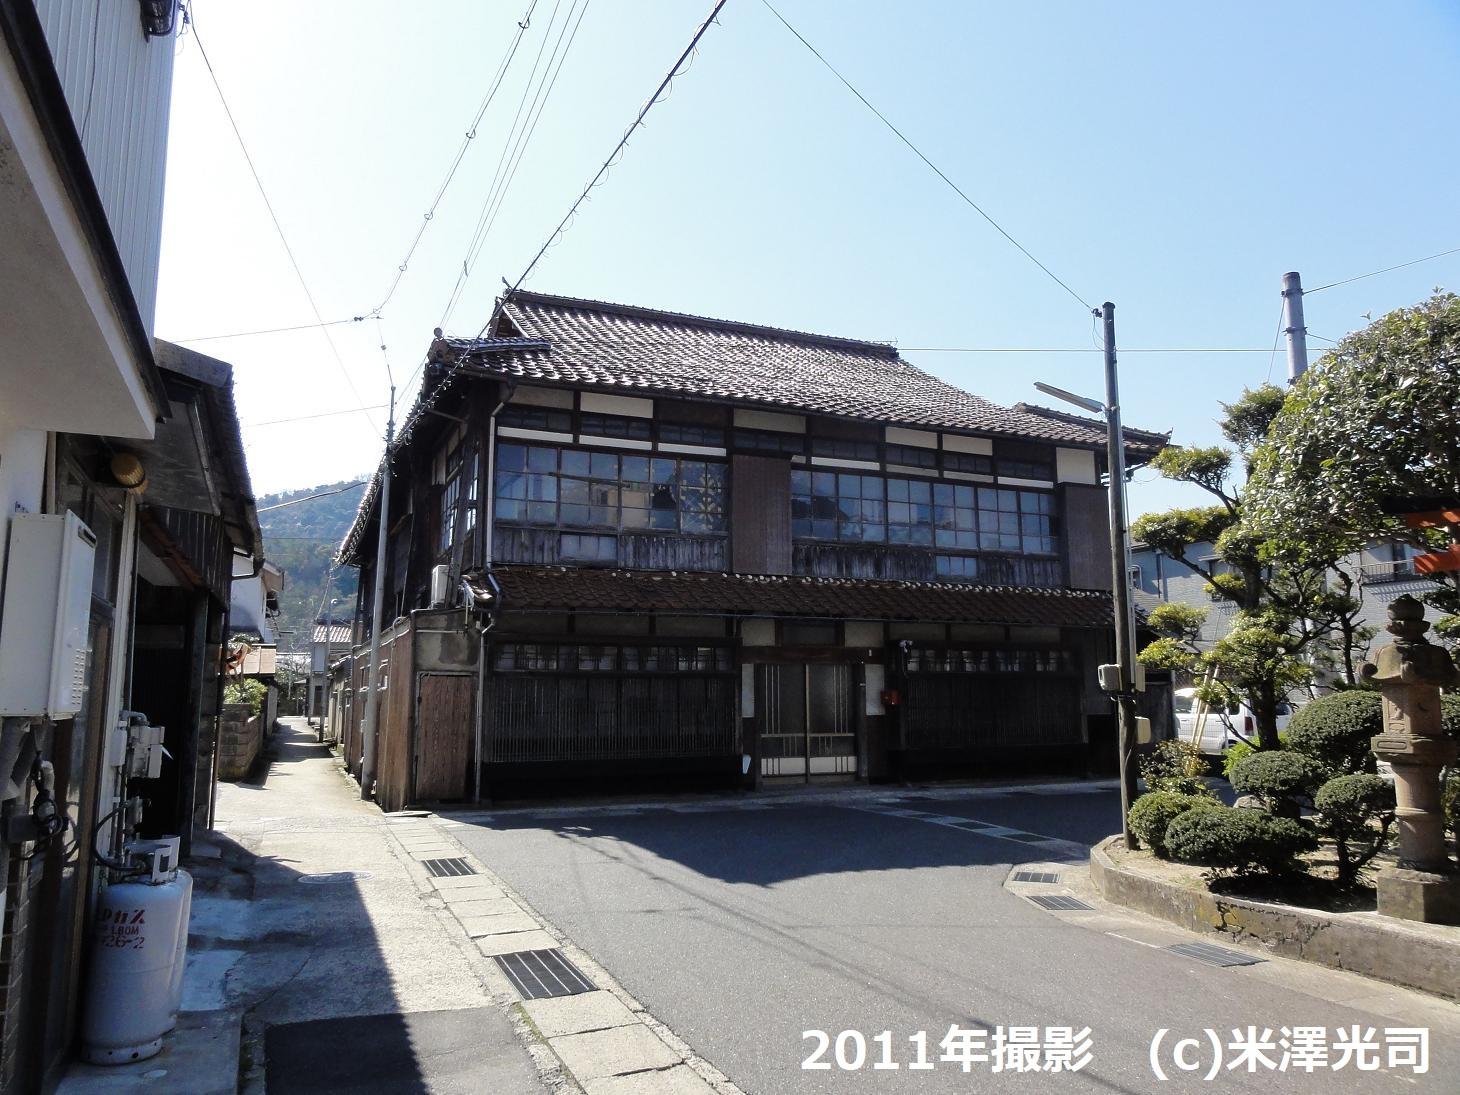 2011倉吉新地遊廓赤線